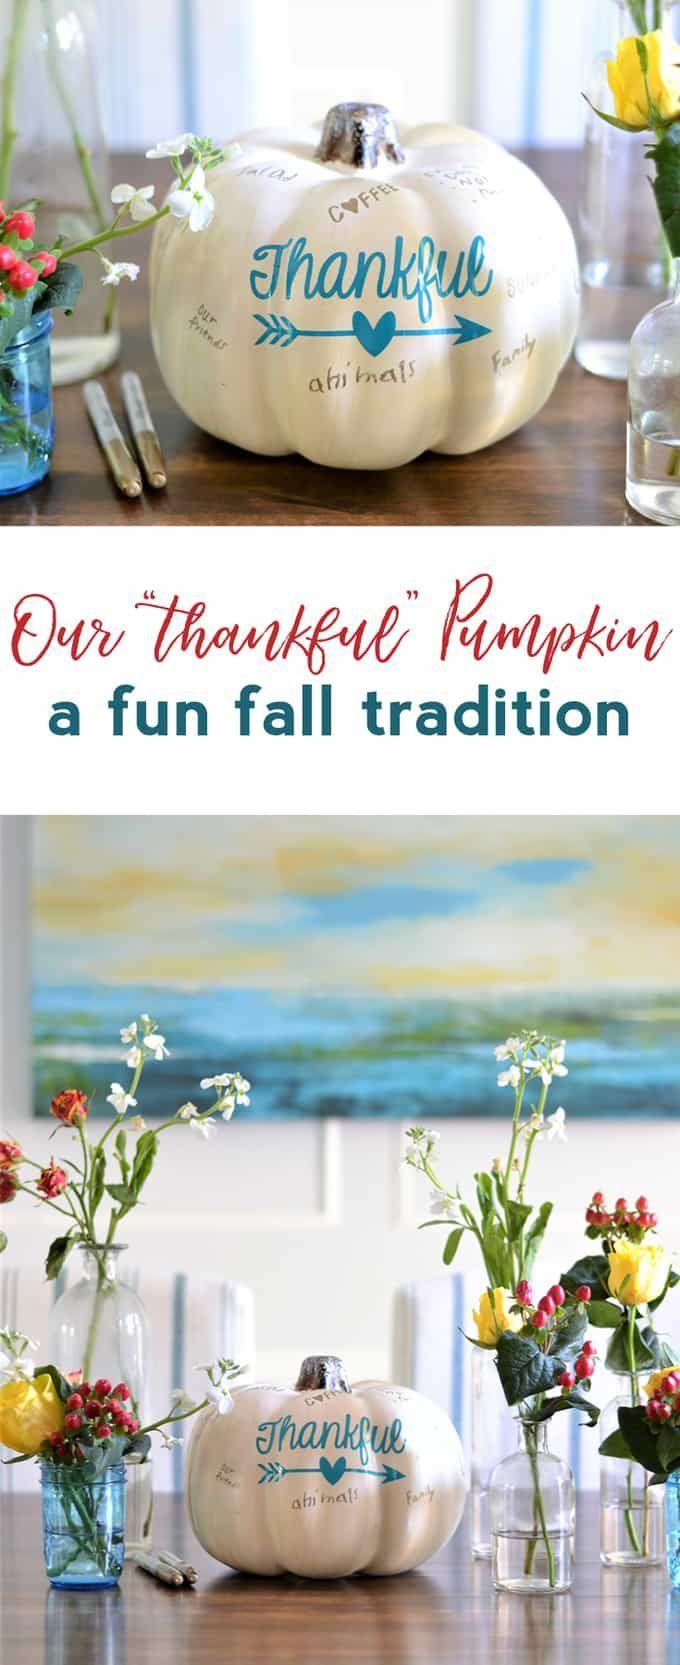 thanksgiving centerpiece | thankful pumpkin | pumpkin crafts | fall decor | thanksgiving tablescape | cultivate gratitude | thankfulness | gratitude practice for kids | pumpkin crafts